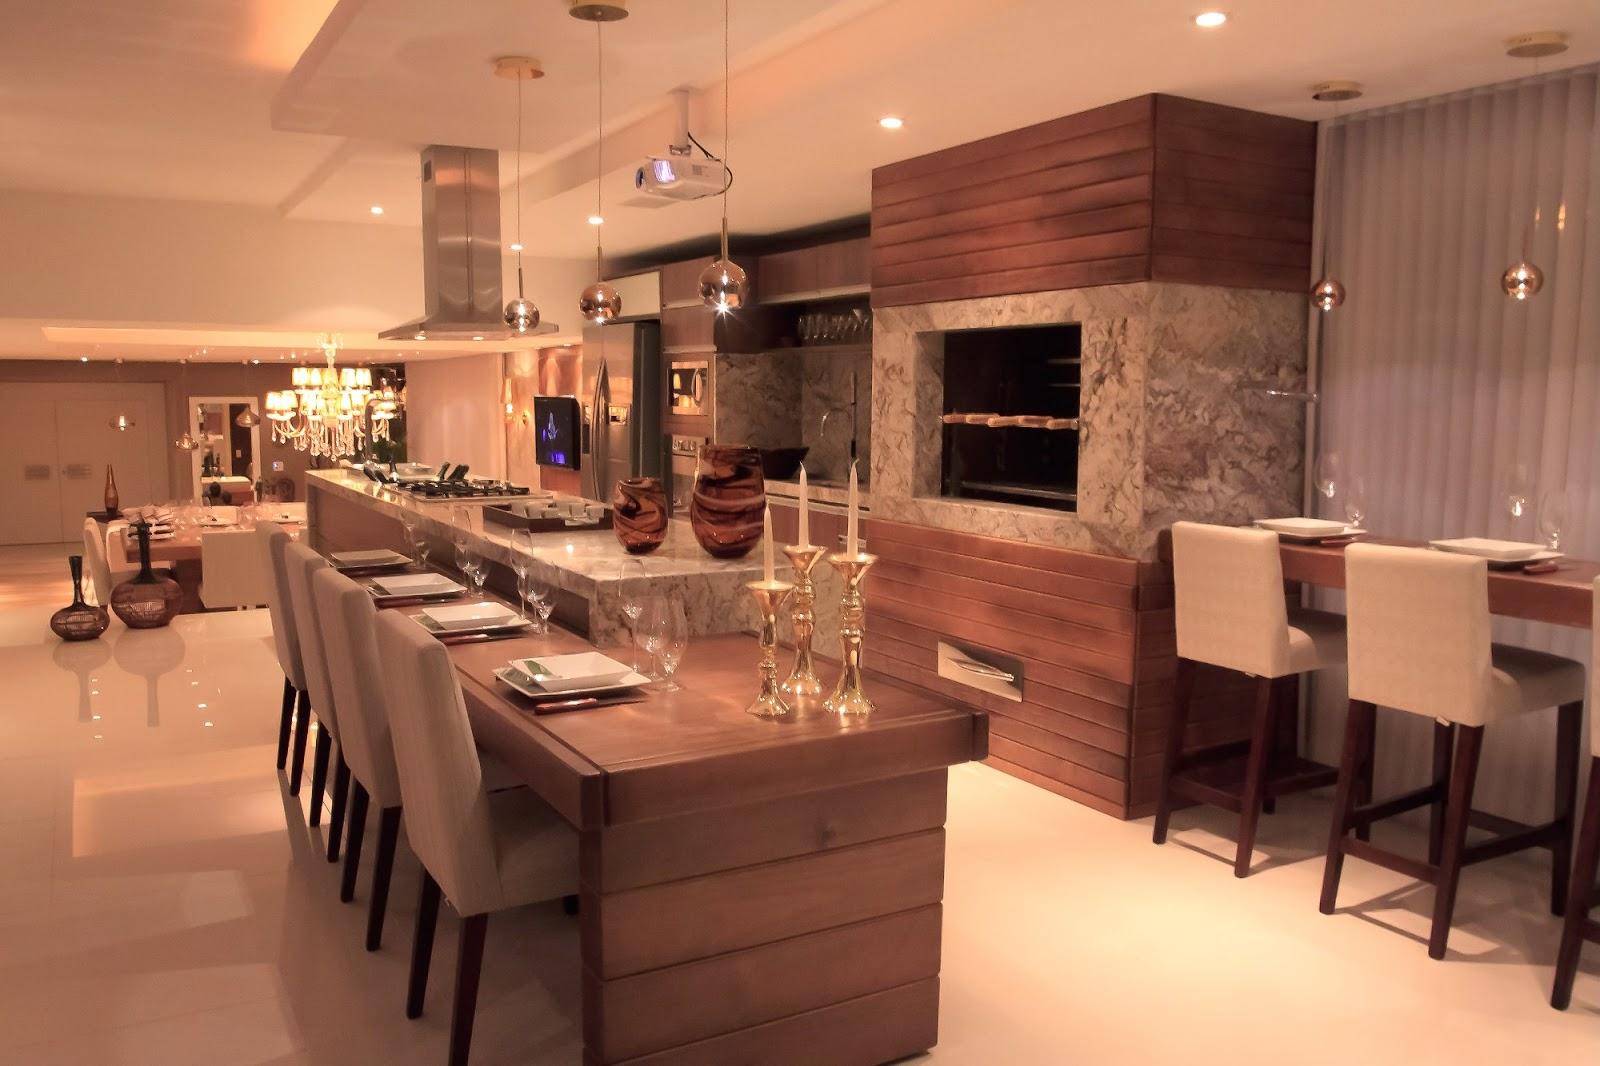 #C67605 Sou fã dessa cozinha acho lindo o decor a cor o mix de materiais  1600x1066 px Projetos De Cozinhas Gourmets_5733 Imagens